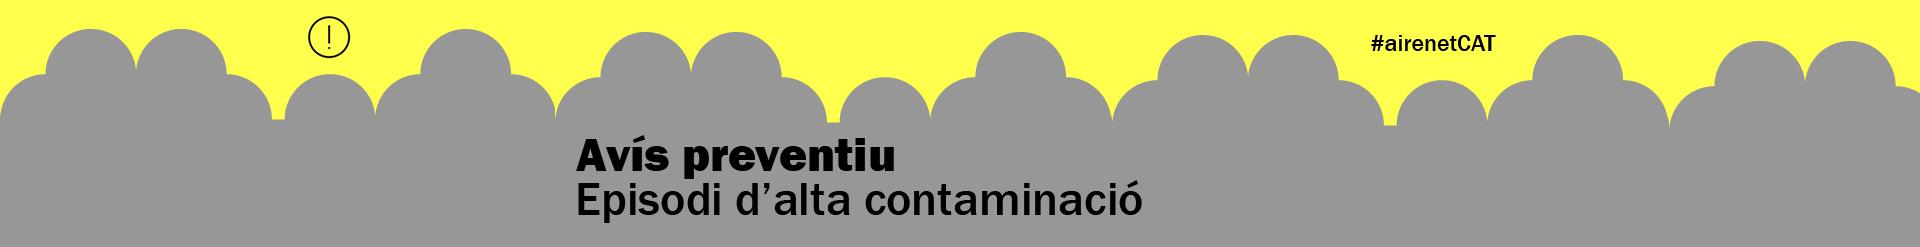 Avís preventiu per contaminació